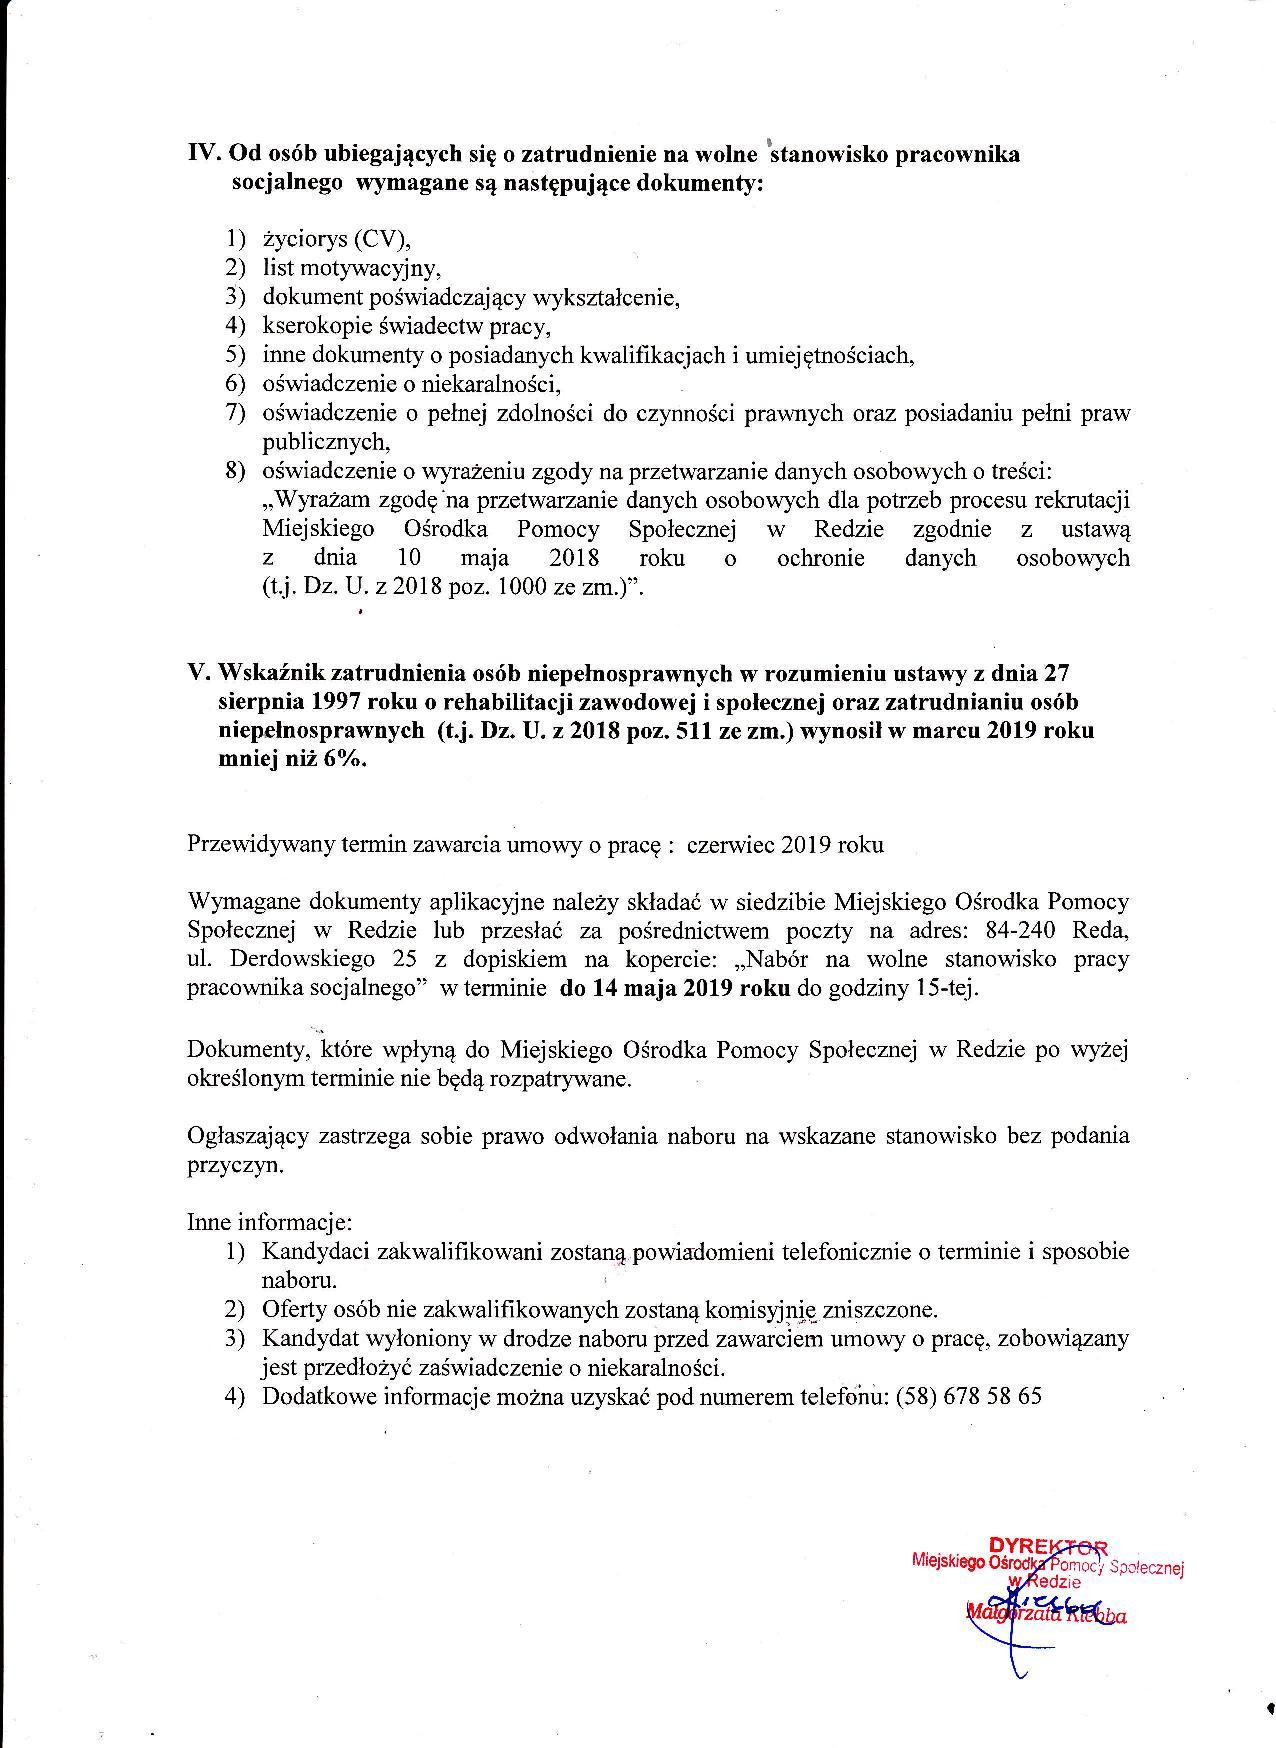 Ogłoszenie o naborze na wolne stanowisko pracy pracownika socjalnego w Miejskim Ośrodku Pomocy Społecznej w Redzie